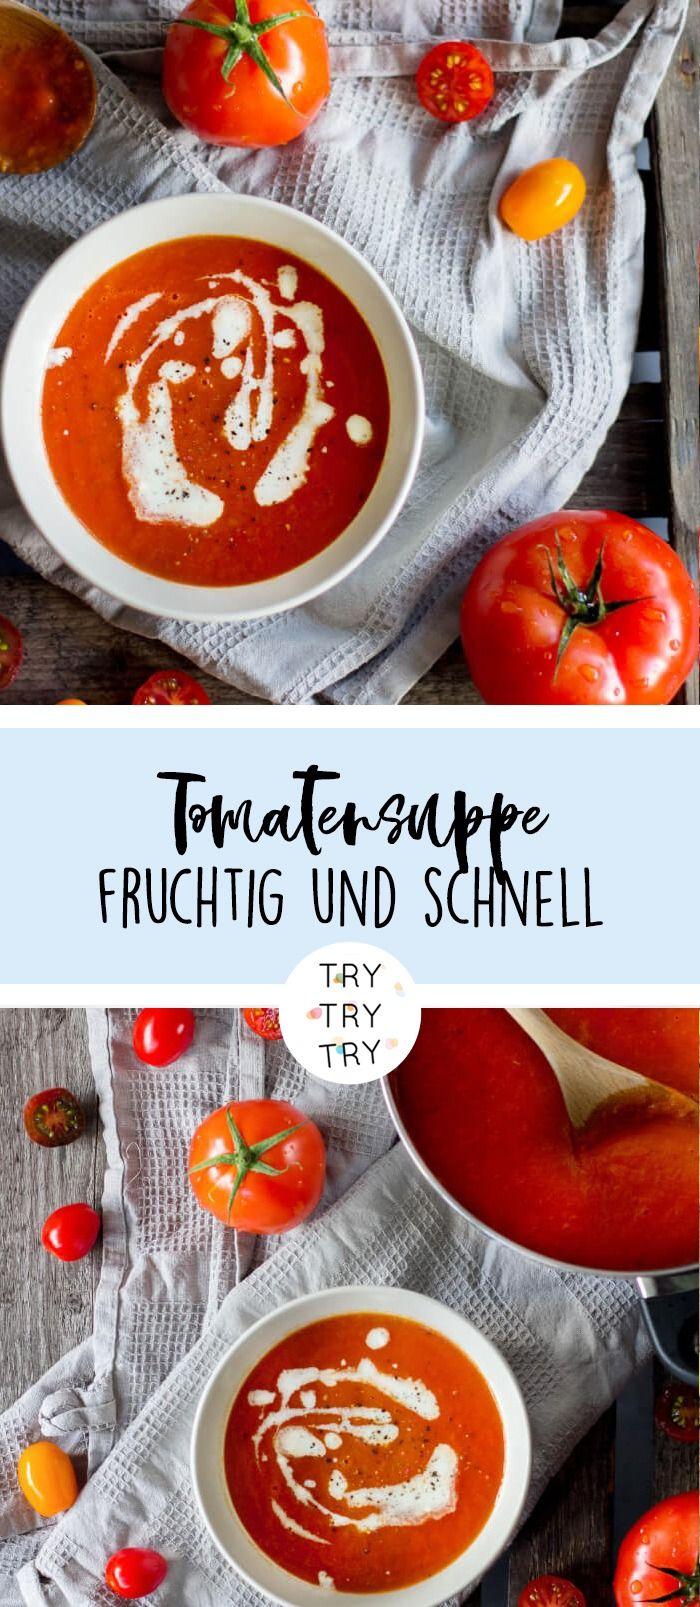 Klassische Tomatensuppe #healthyfoodprep